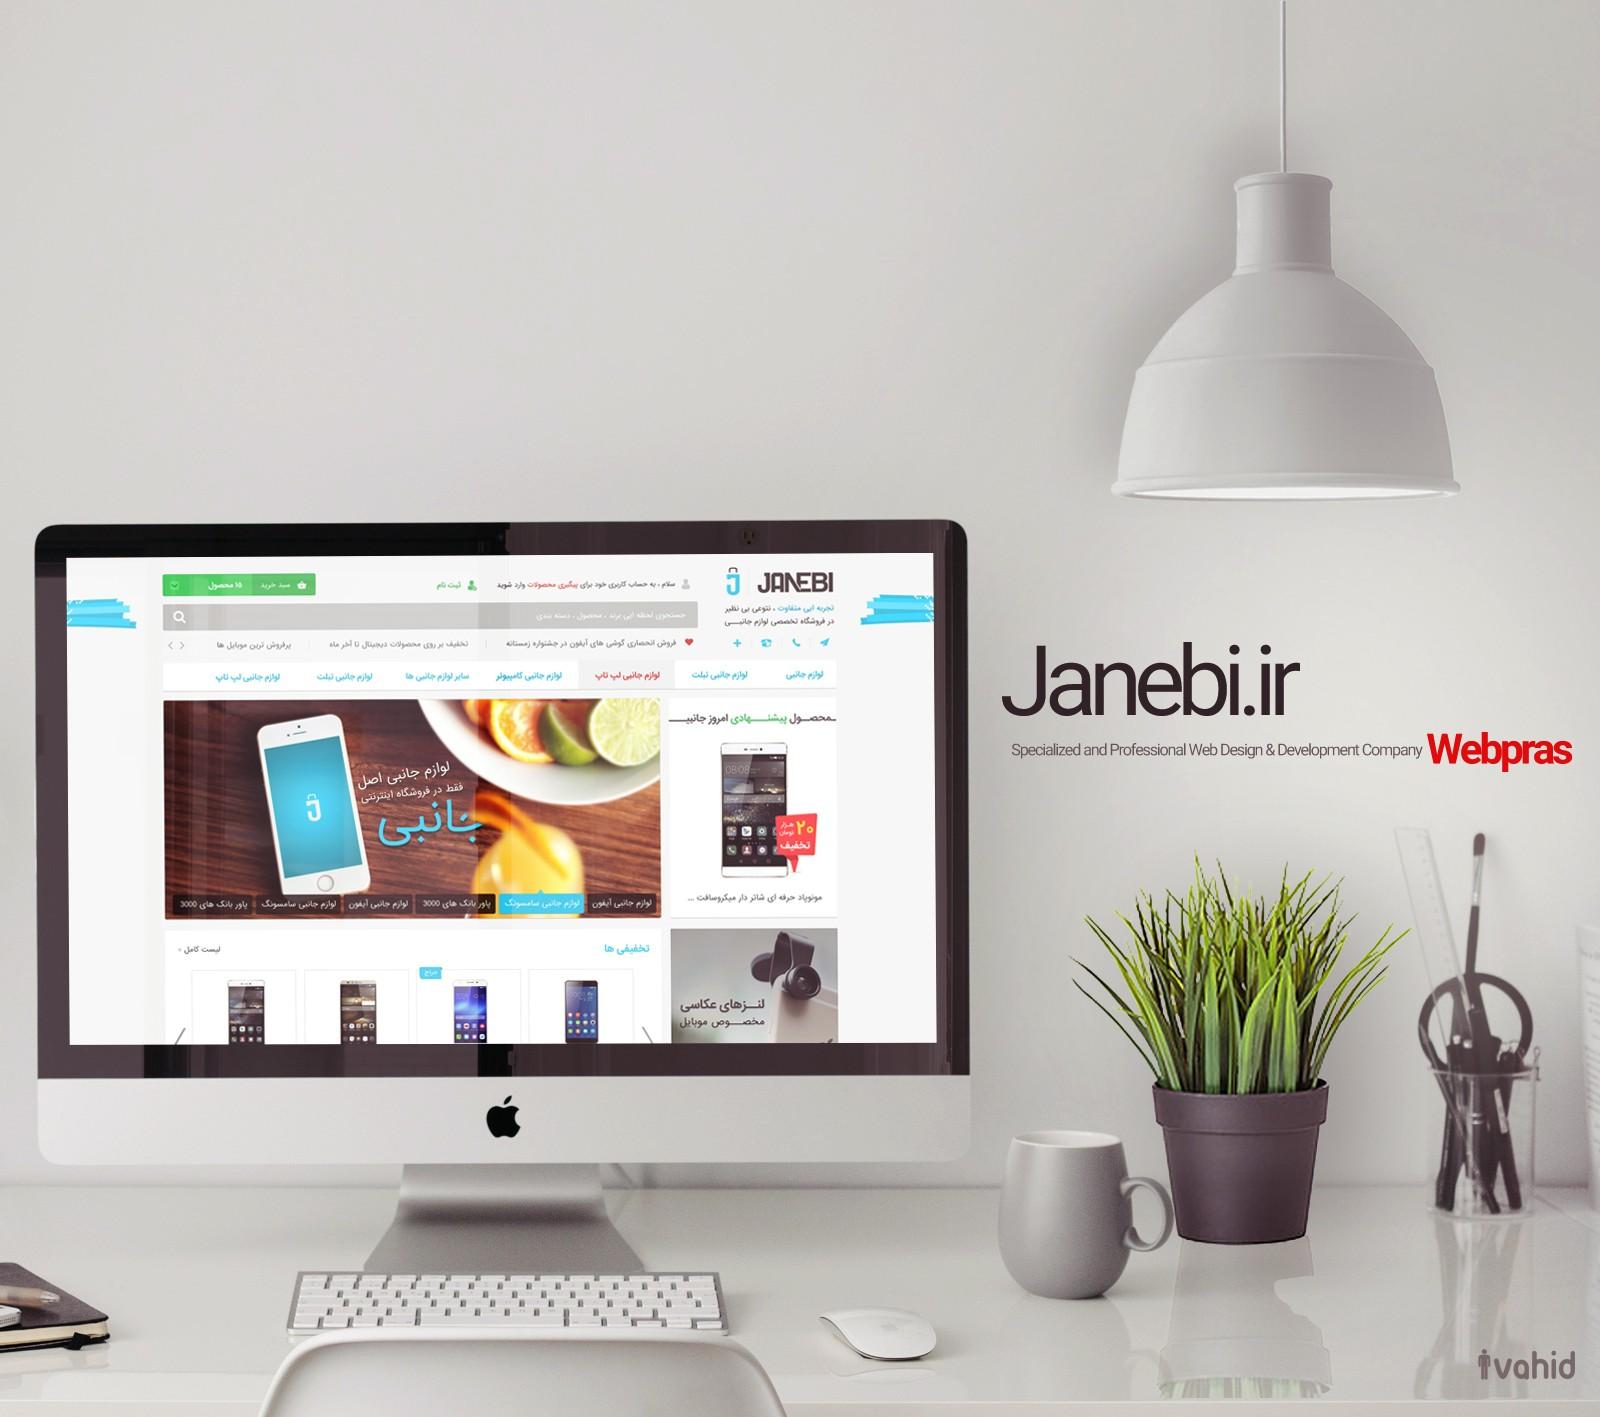 نهایت رنگ بندی در نمونه طراحی گرافیک فروشگاه اینترنتی جانبی